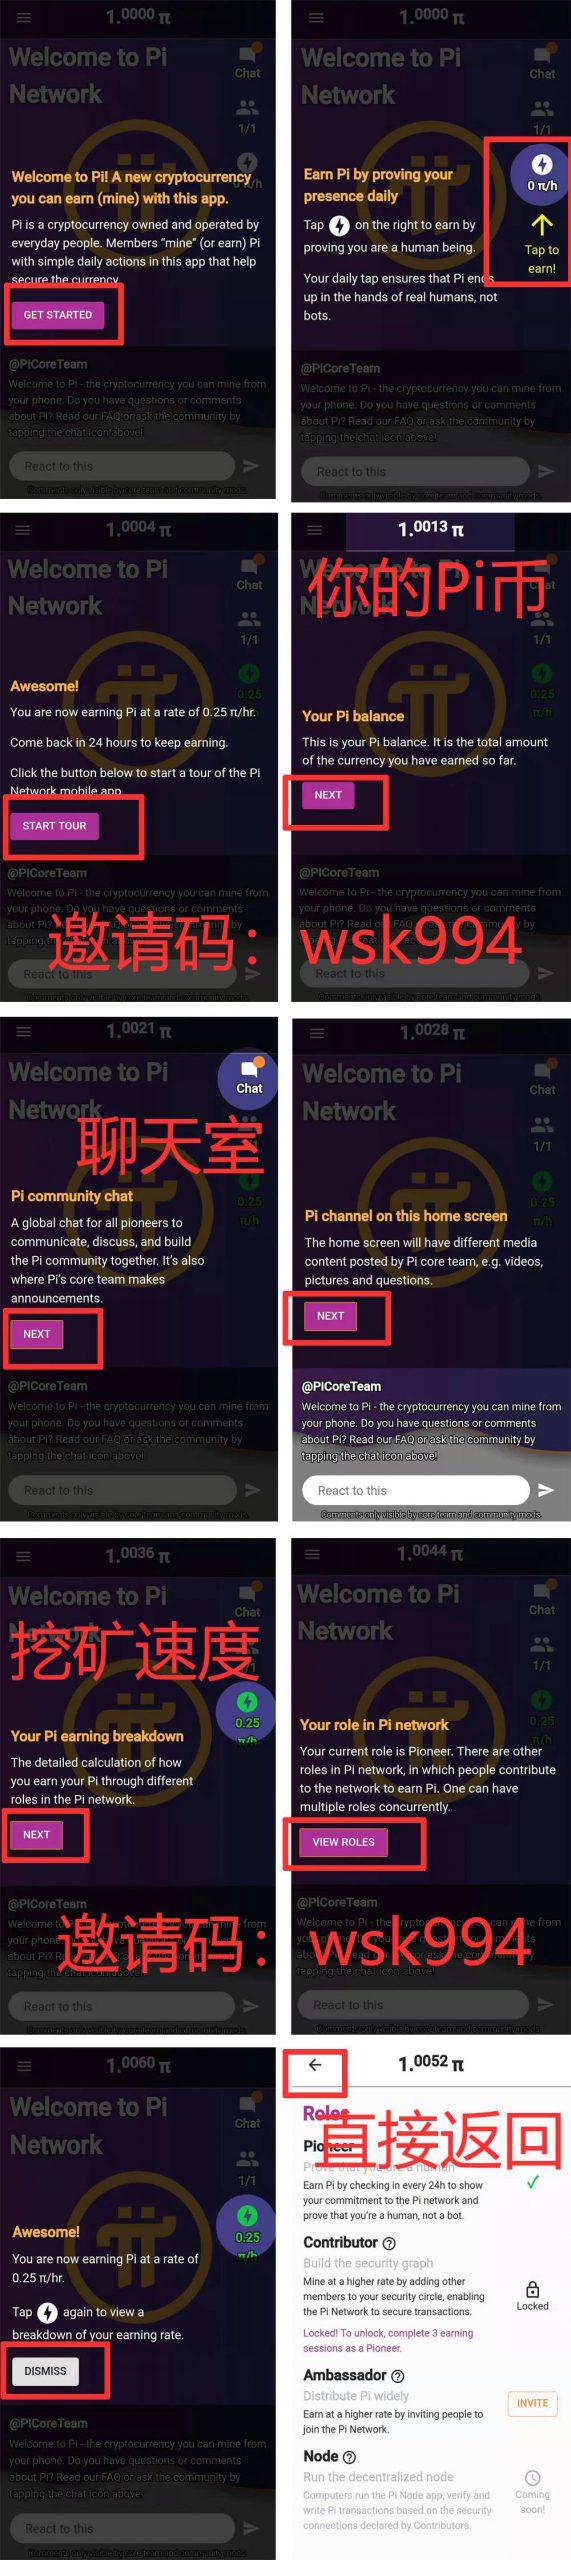 最近很火爆的Pi Network如何注册?如何提升Pi币的挖矿速度【图文教程】